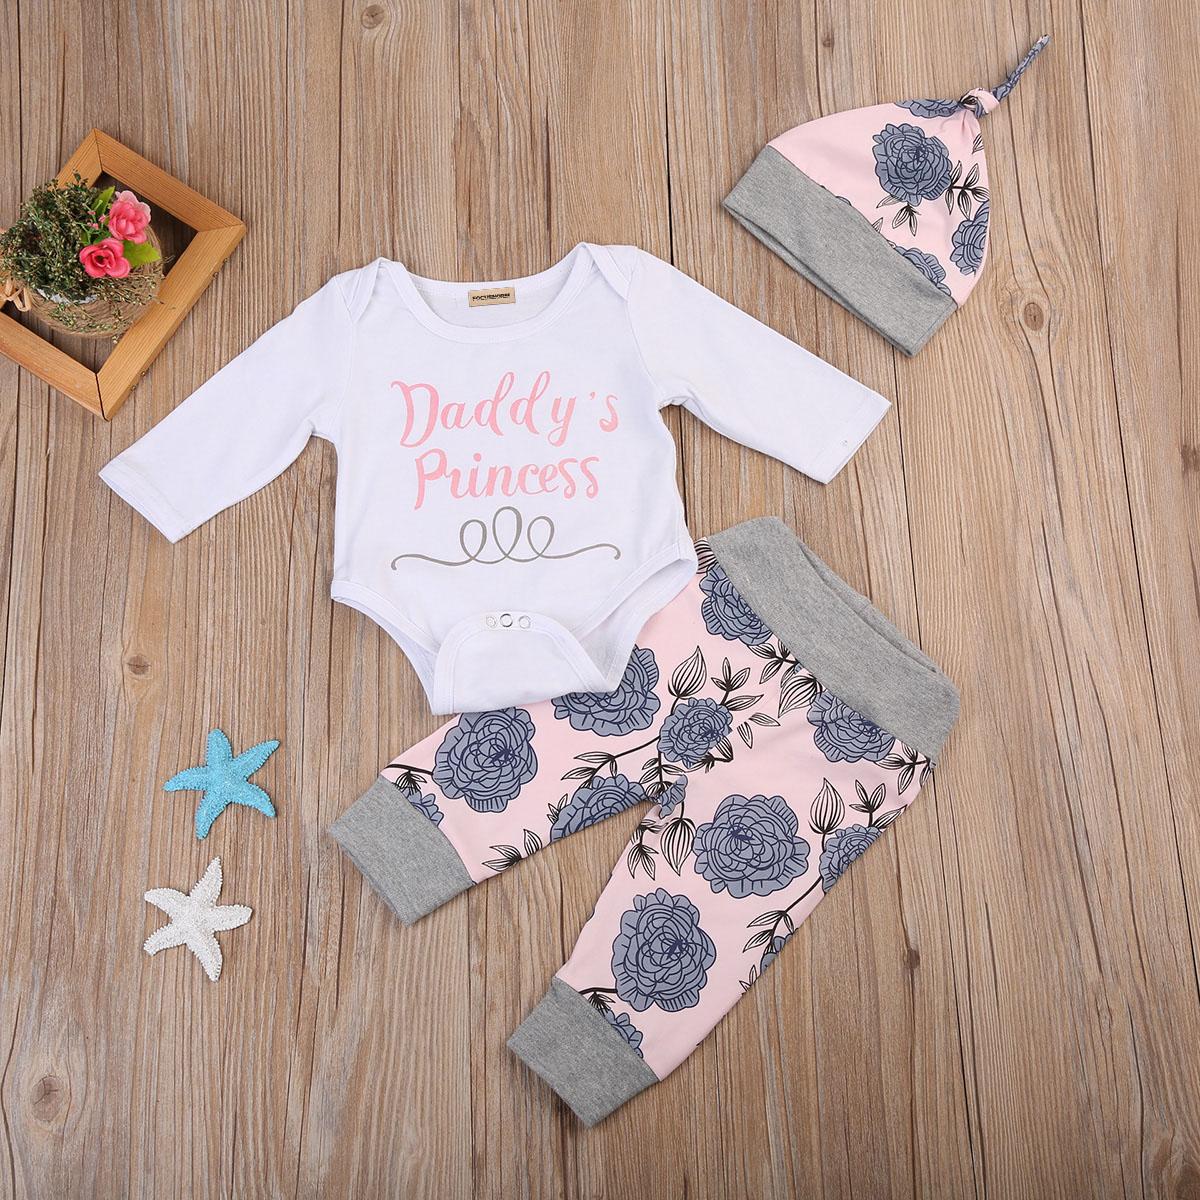 3pcs Infant Baby Boy Girl Outfits Clothes Set Daddy's Princess Bodysuit+Pants Leggings+Hat set 0-24 M